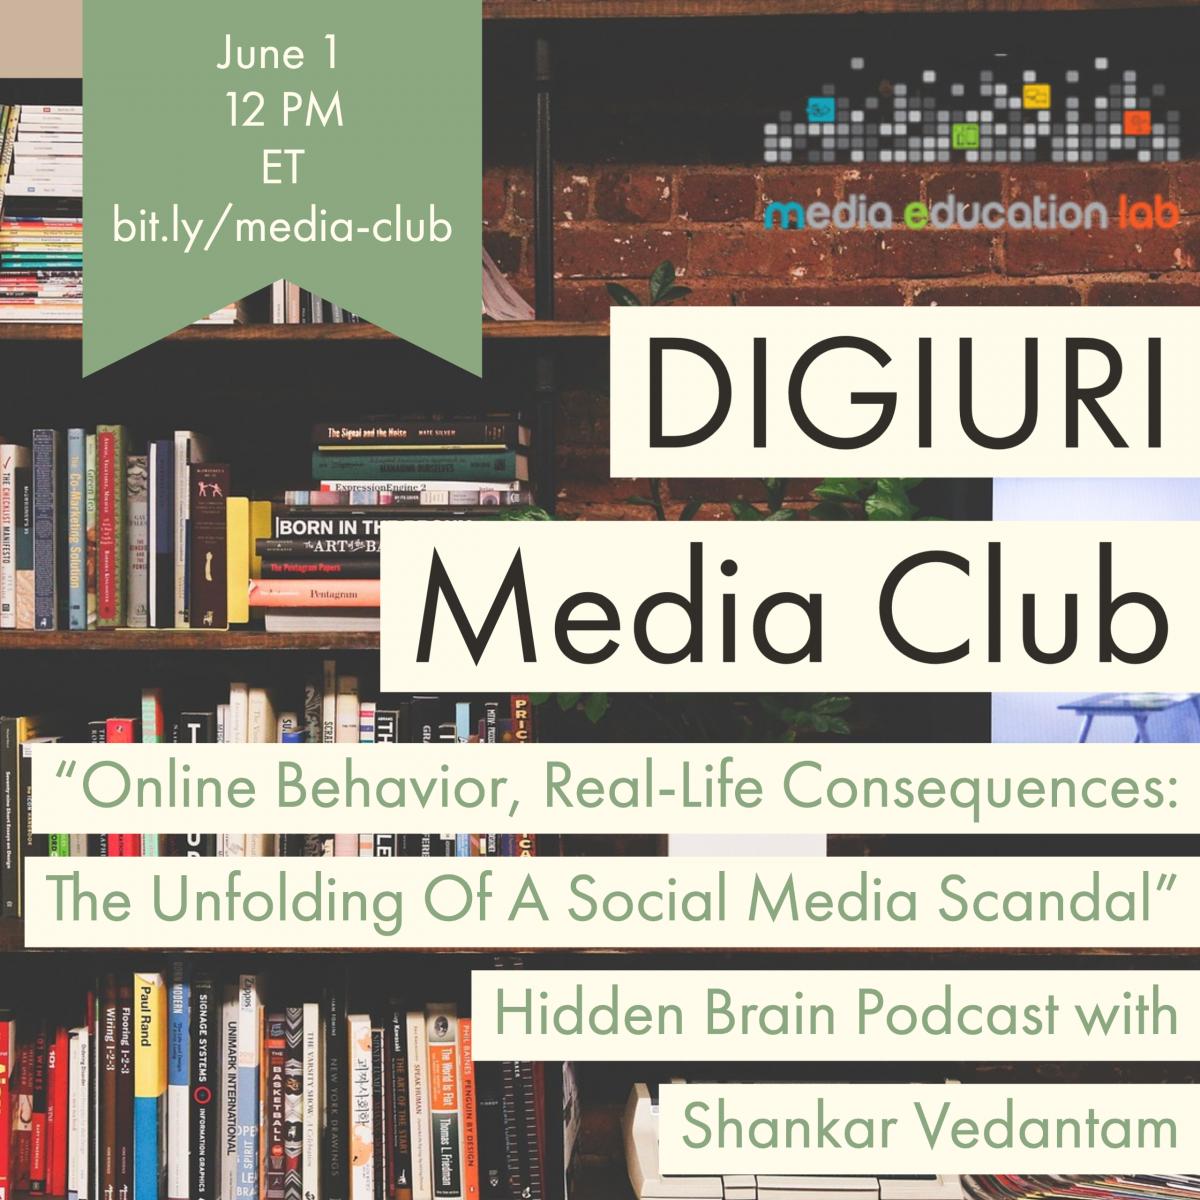 Graphic of June 1 Media Club promo